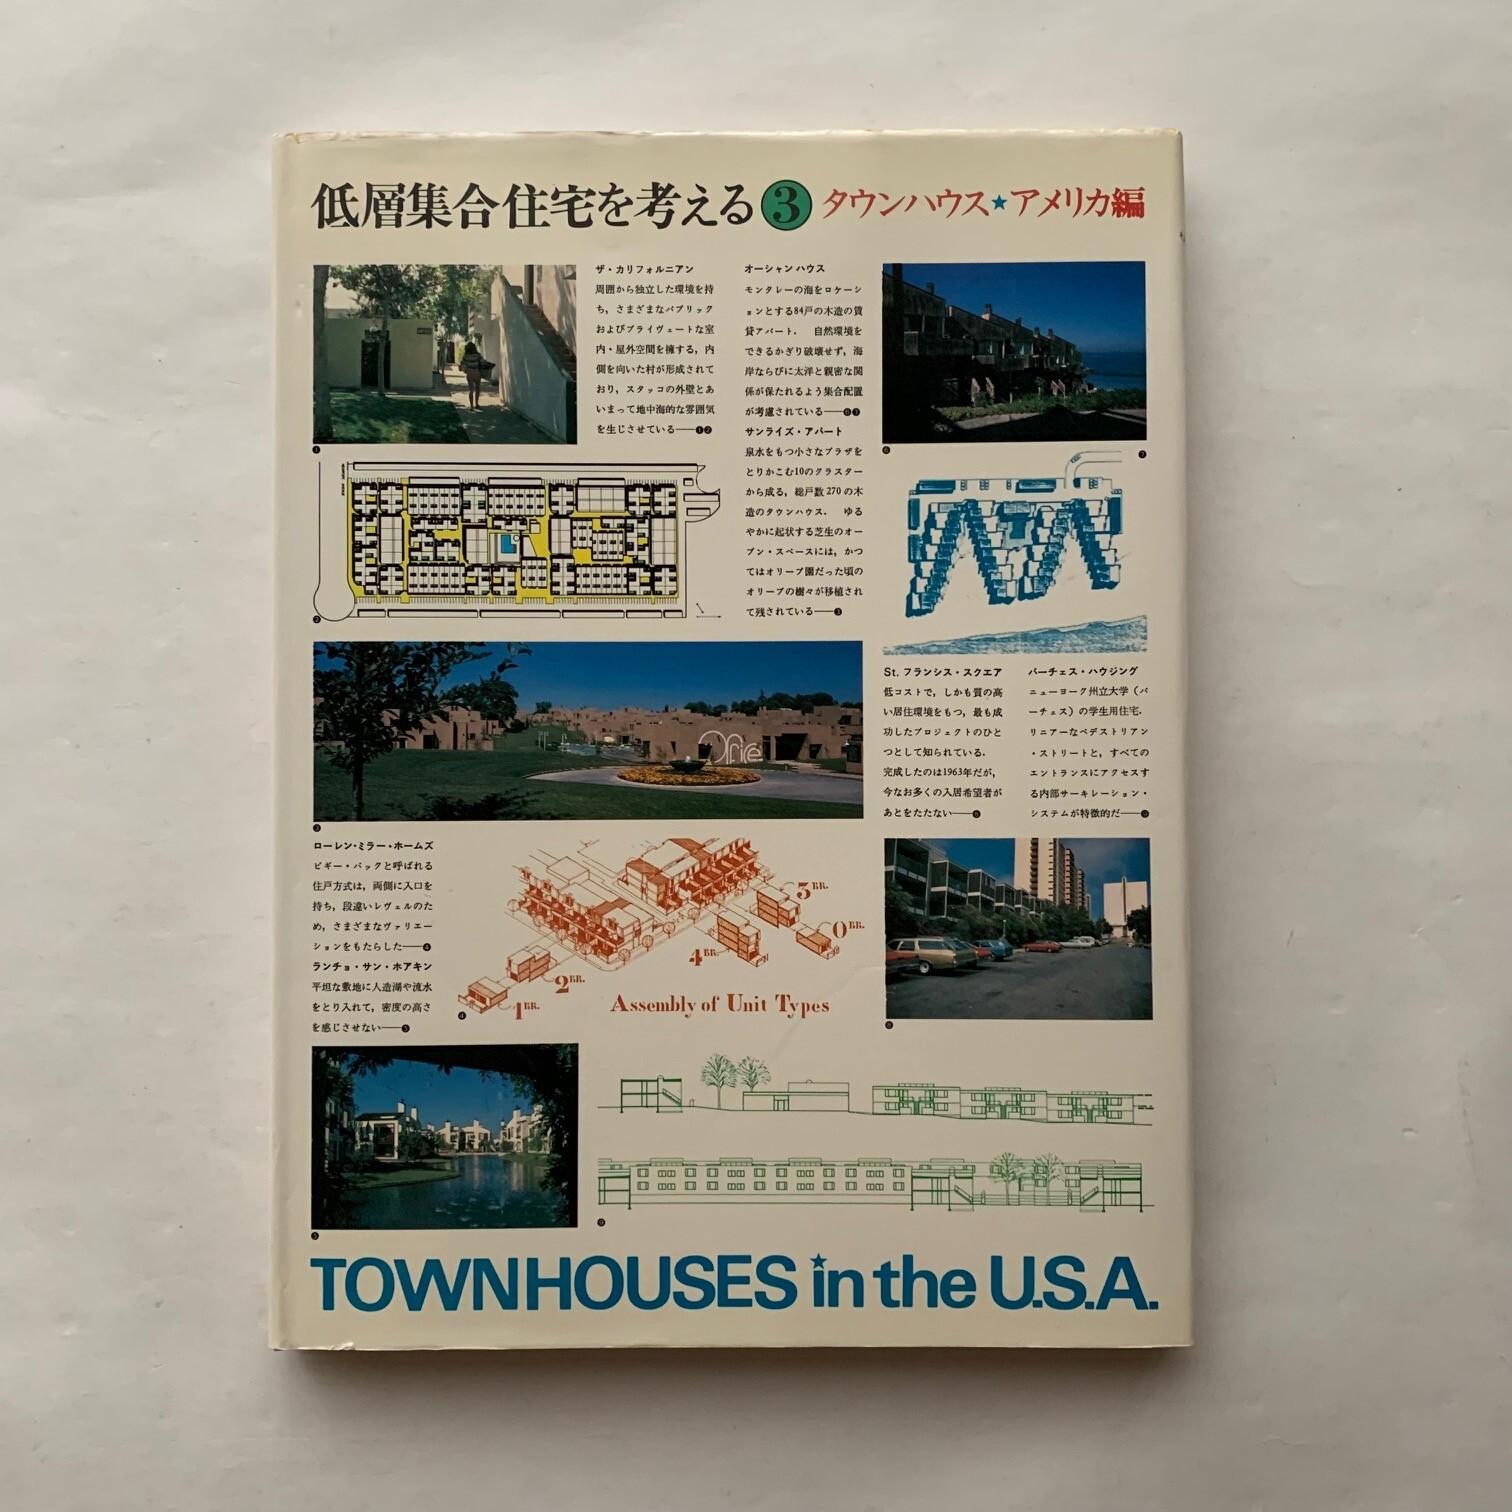 低層集合住宅を考える3 タウンハウス・アメリカ編 / 都市住宅編集部: 編